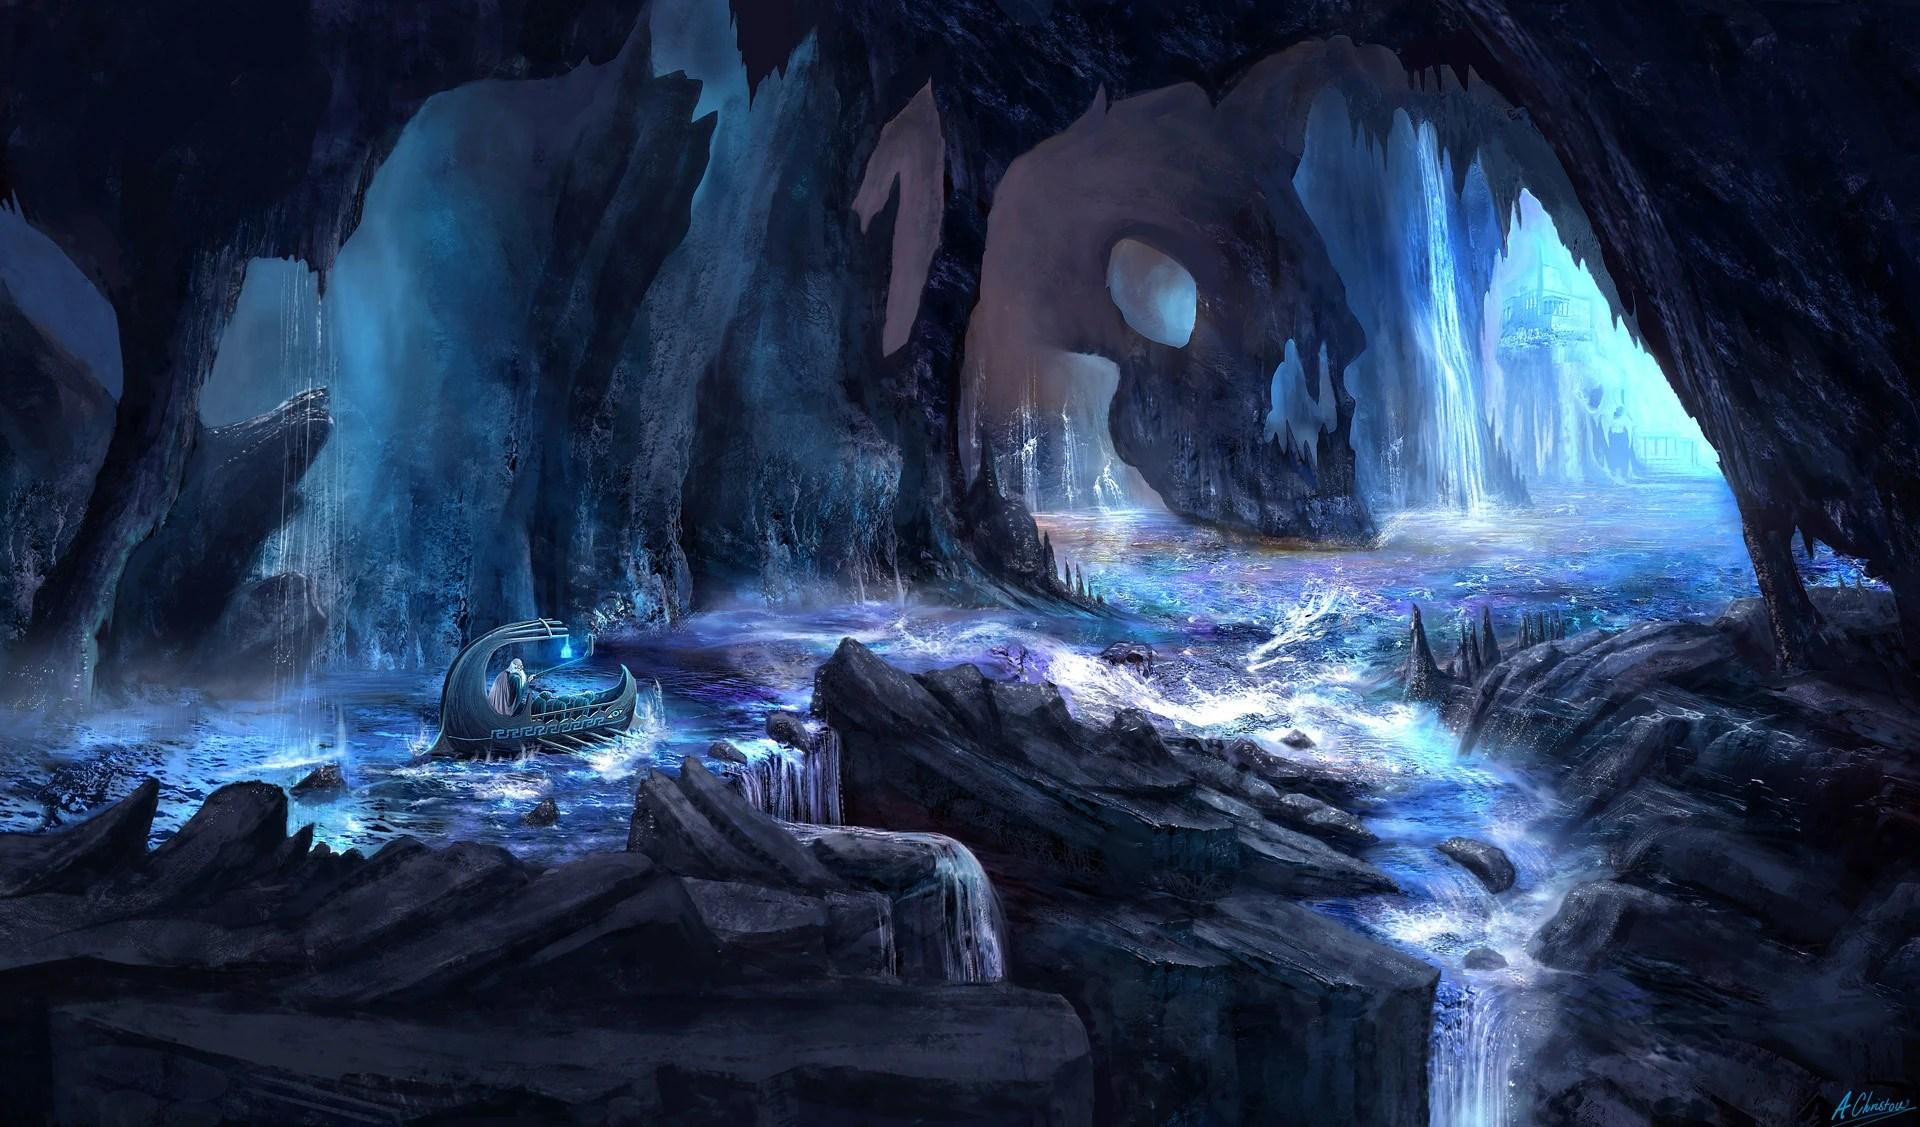 Dark Souls 3 Wallpaper Quote Styx Greek Myth Wikia Fandom Powered By Wikia